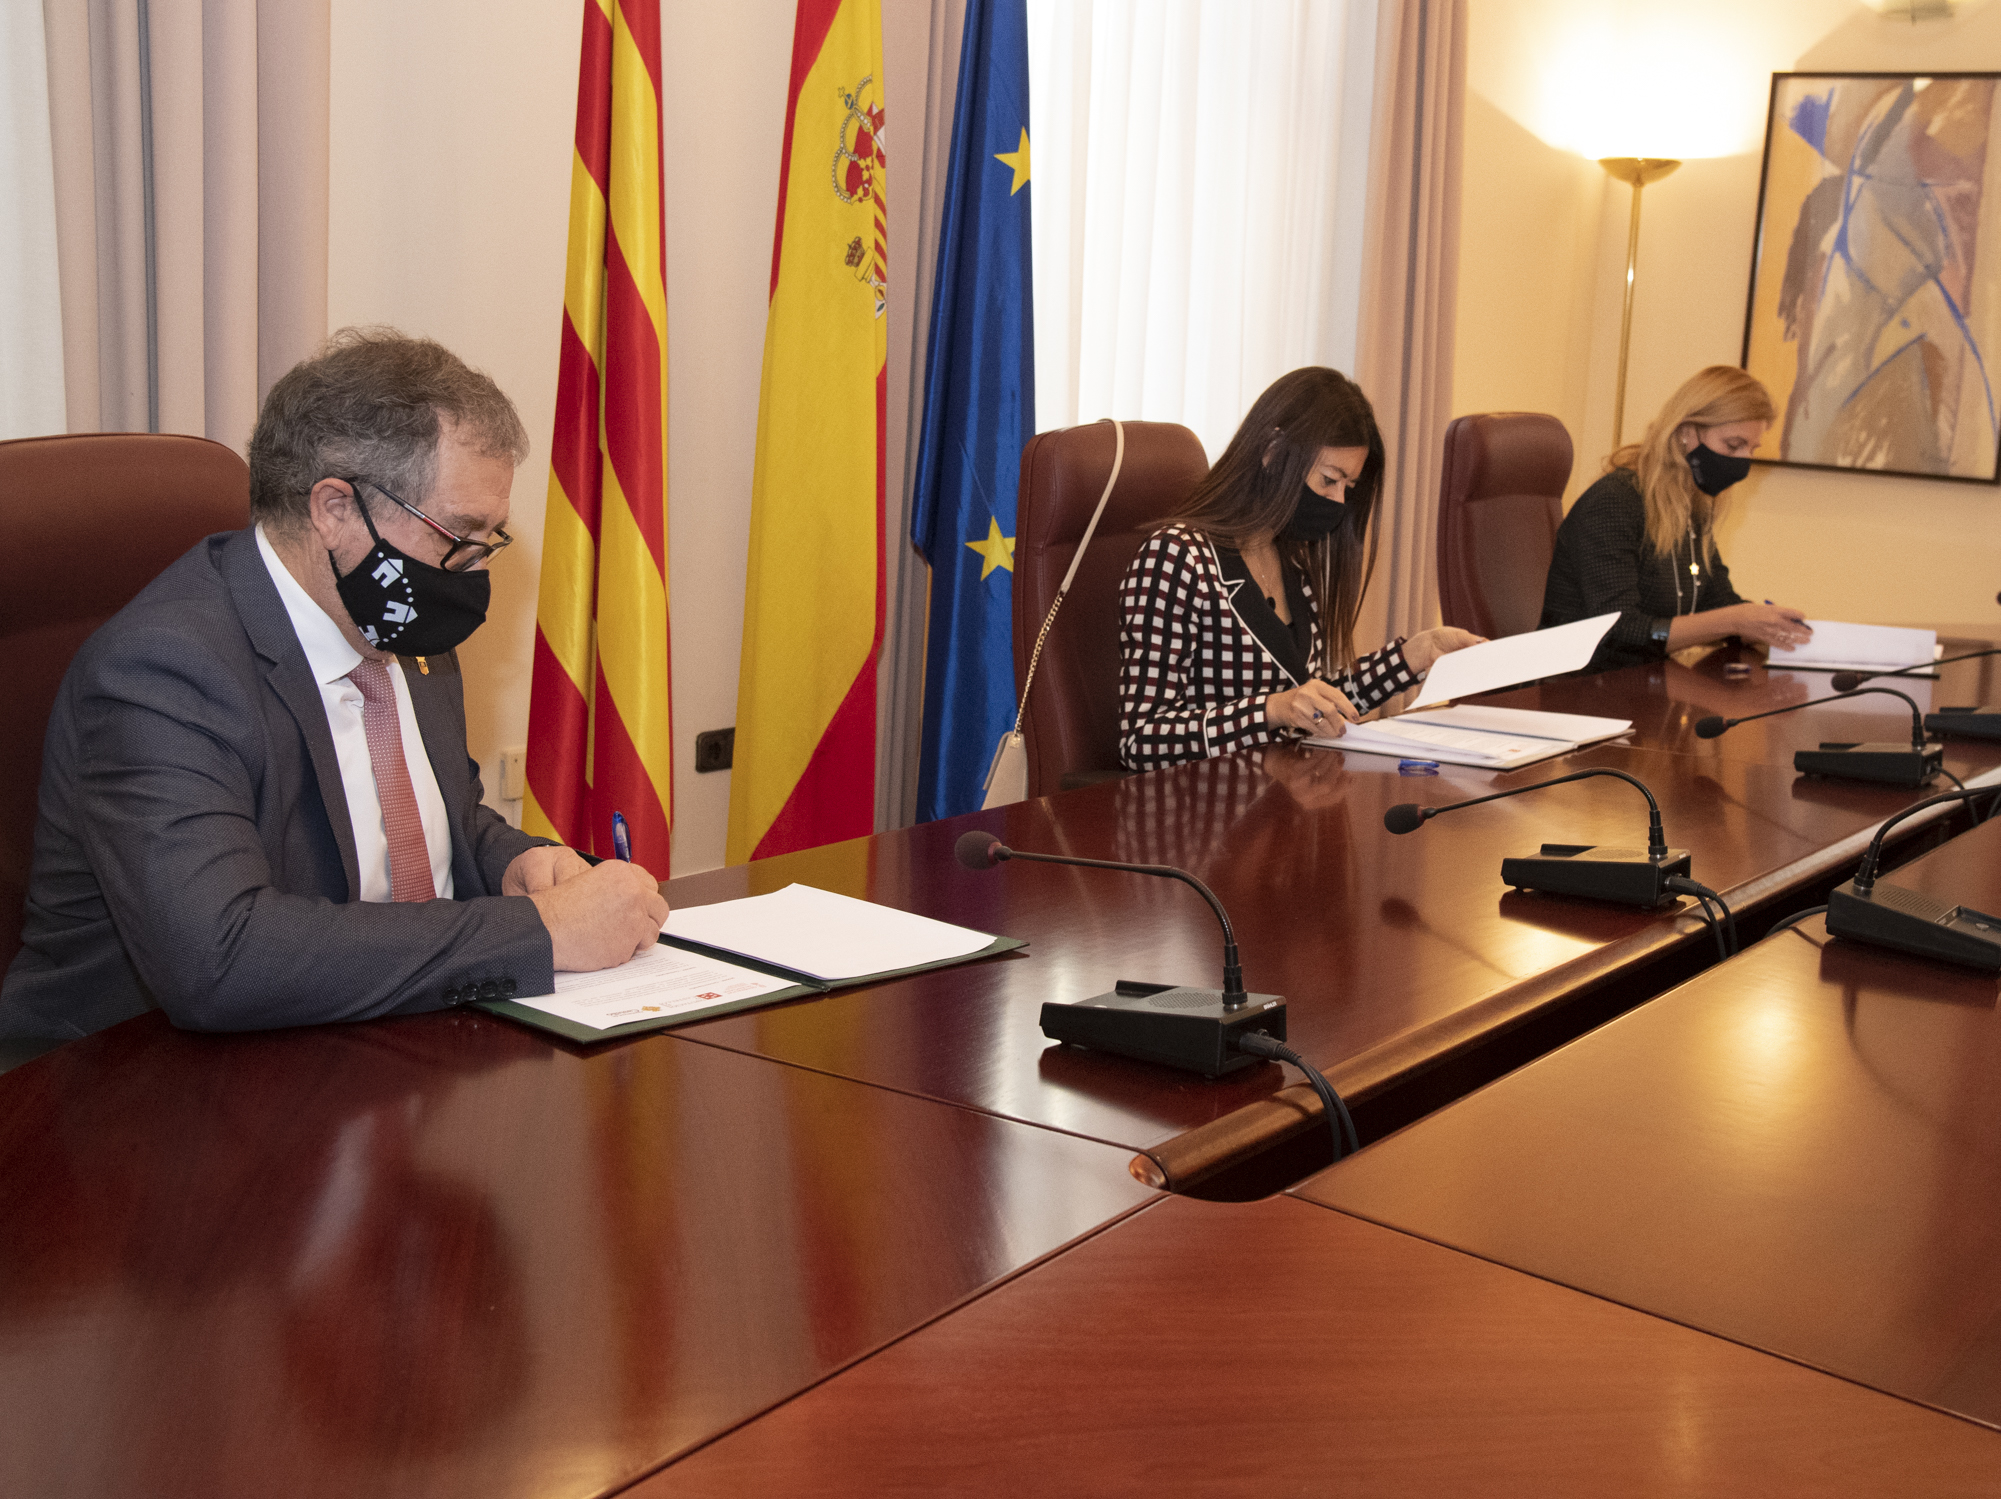 José Martí pone el foco en los fondos europeos para superar la brecha digital territorial y social en coordinación con la Generalitat